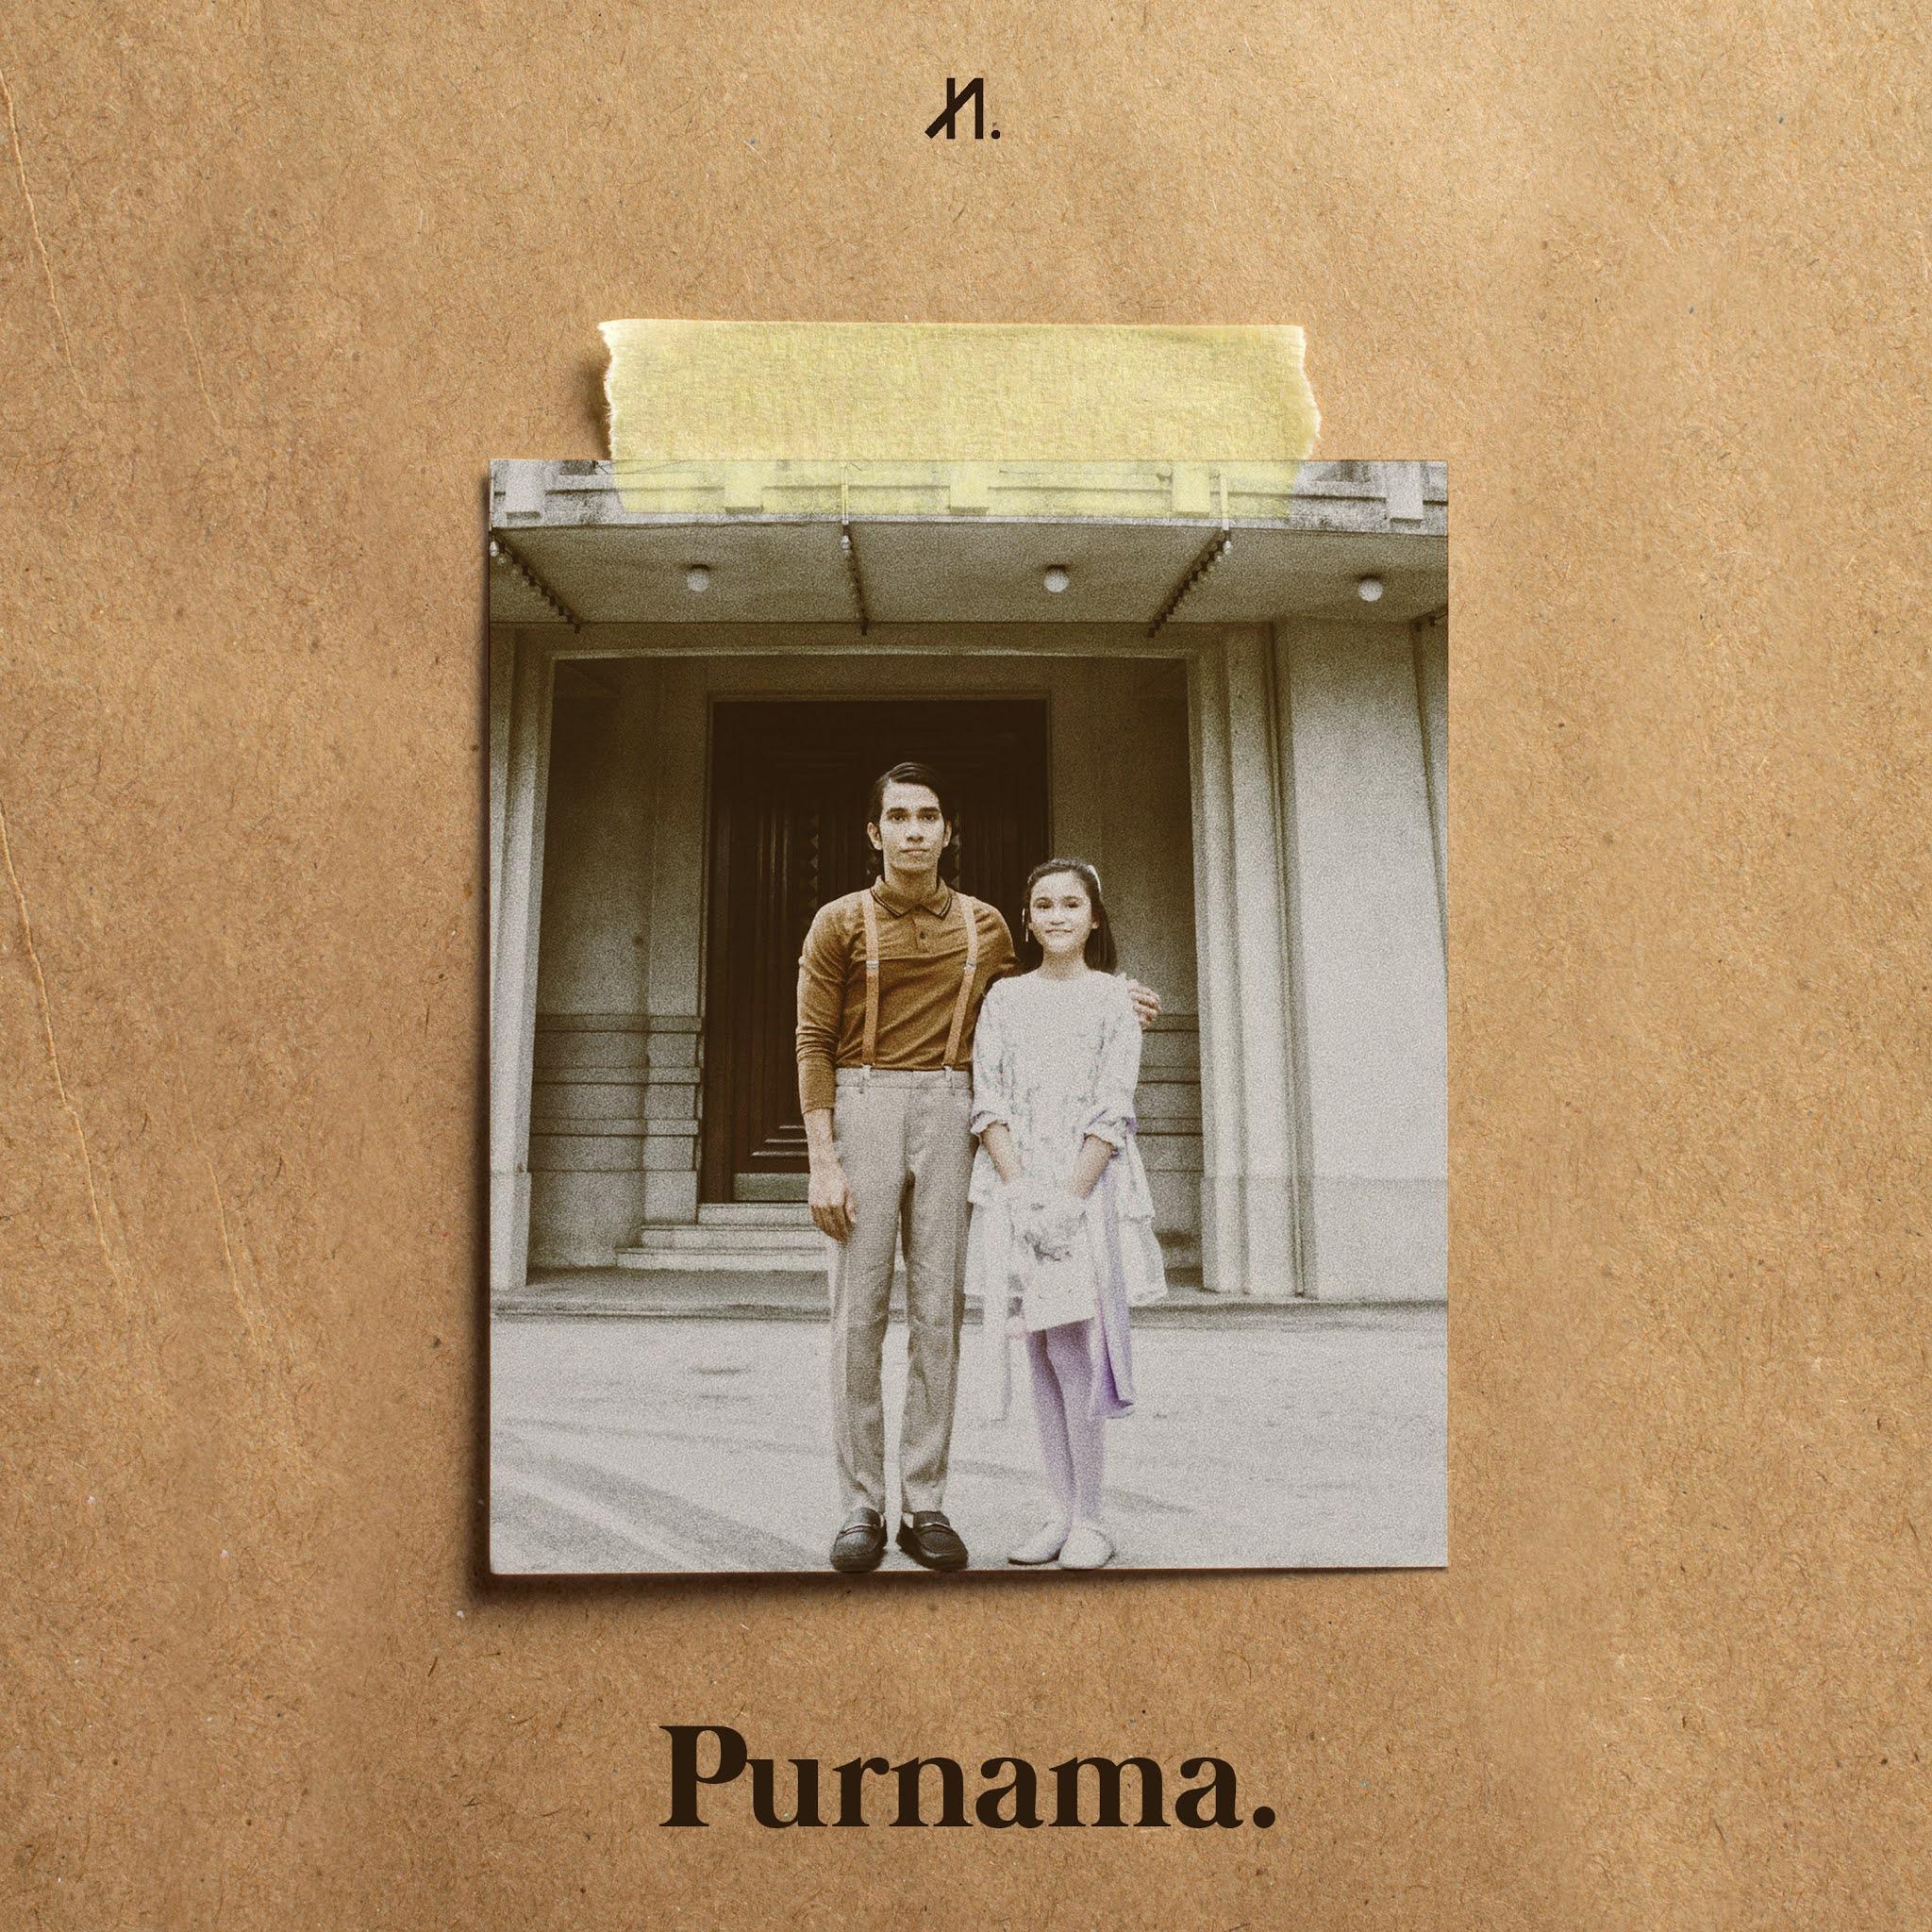 Lirik lagu Purnama Naim Daniel